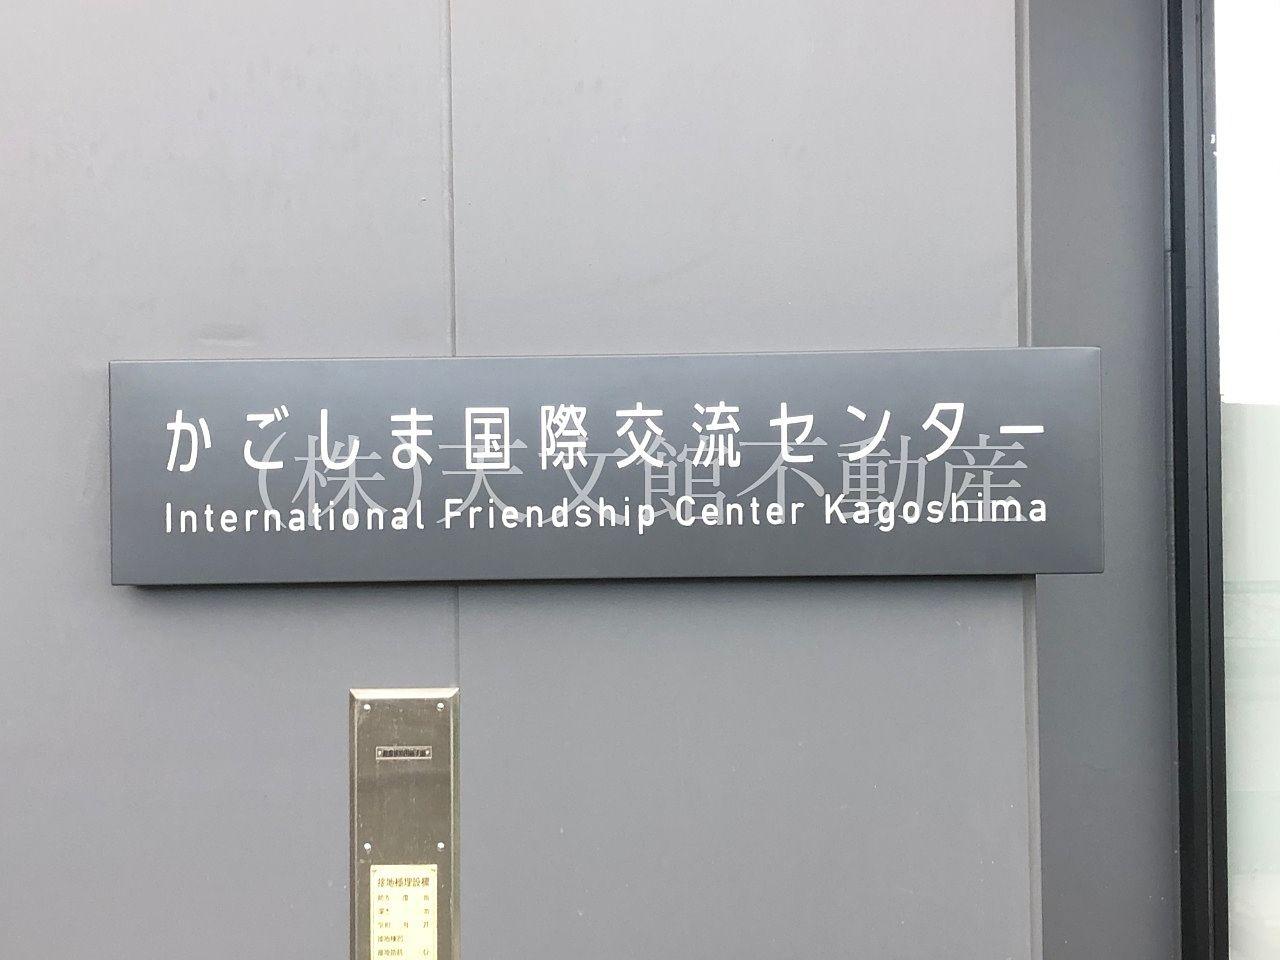 鹿児島市加治屋町の鹿児島国際交流センターの看板